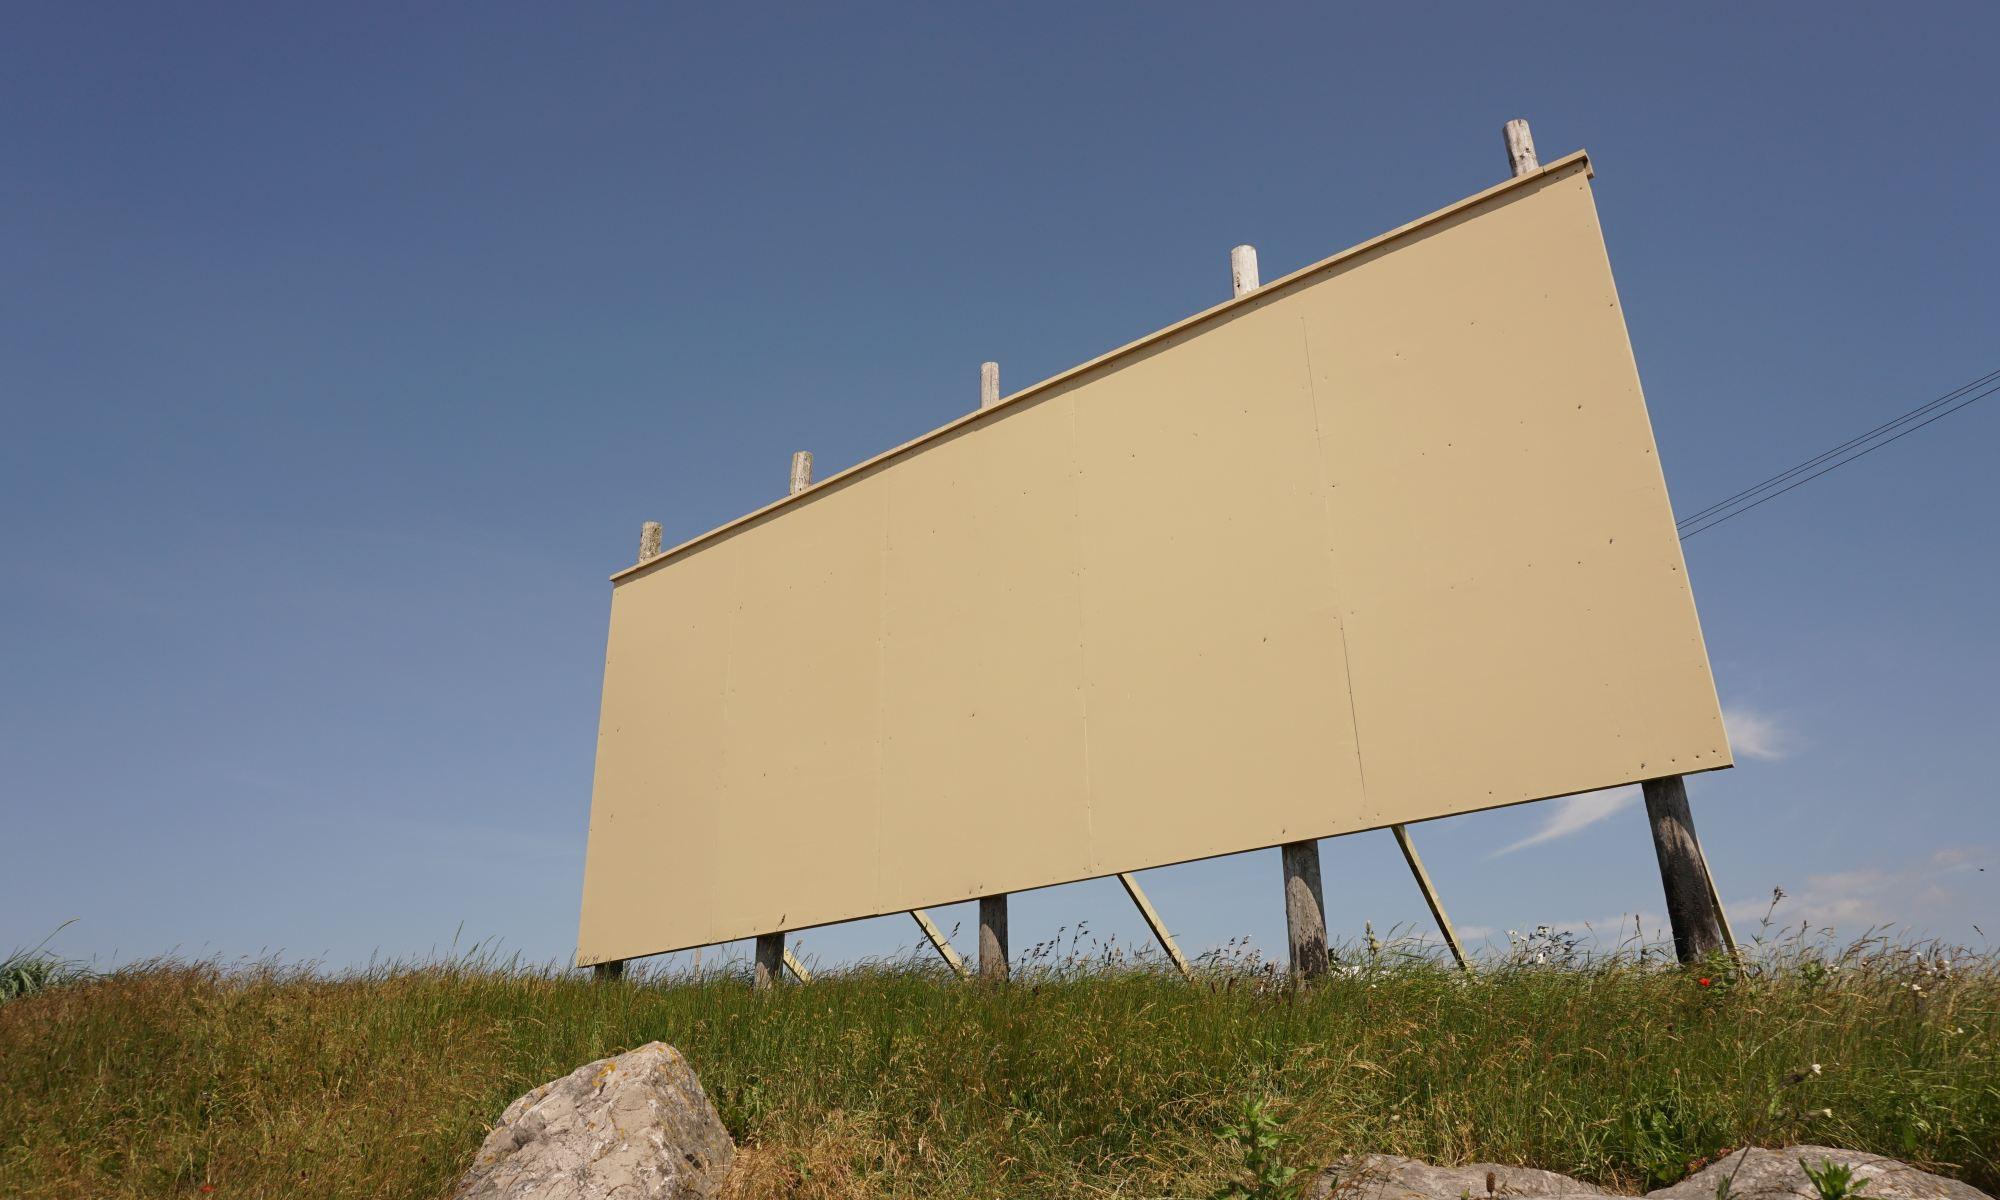 A blank billboard in Southport, UK